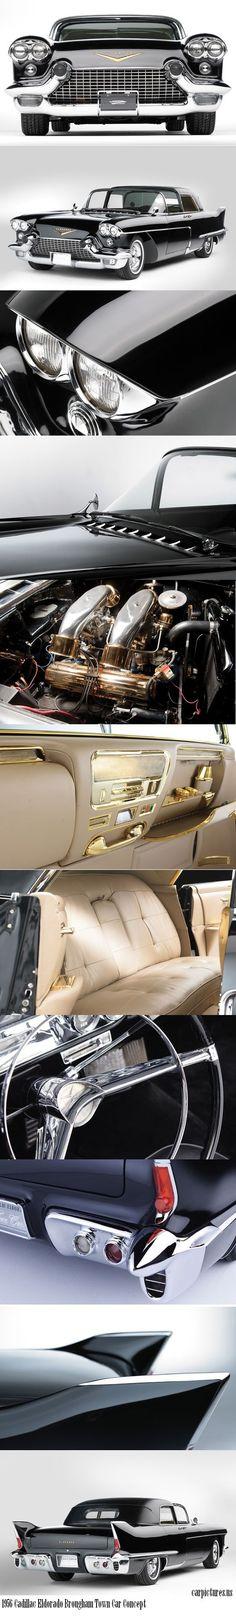 1956 Cadillac Eldorado Brougham Town Car #celebritys sport cars #sport cars  http://sport-car-collections.lemoncoin.org